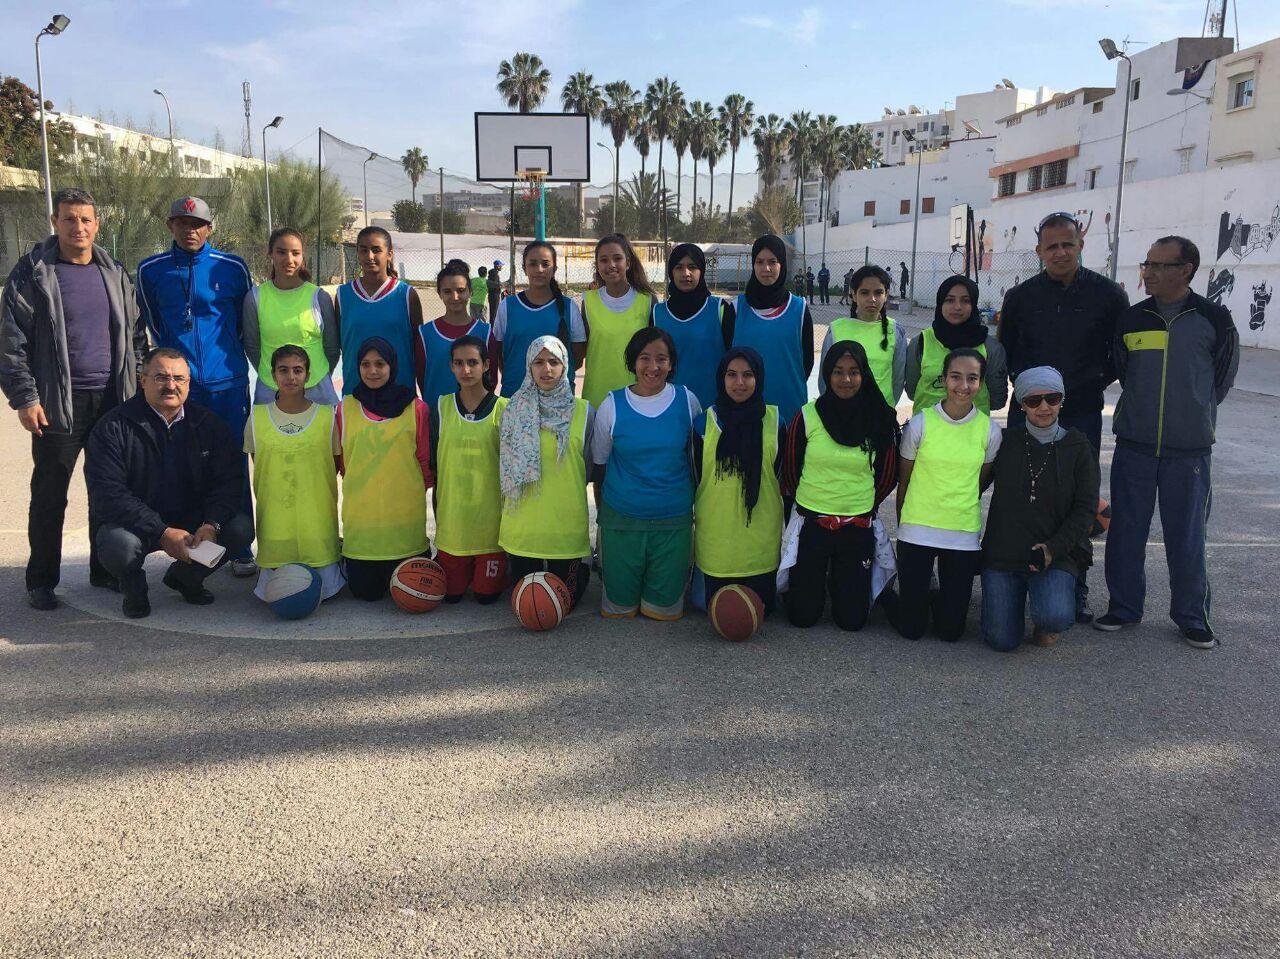 فتيات ترجي تيزنيت لكرة السلة ضمن تربص انتقائي لتكوين منتخب عصبة سوس